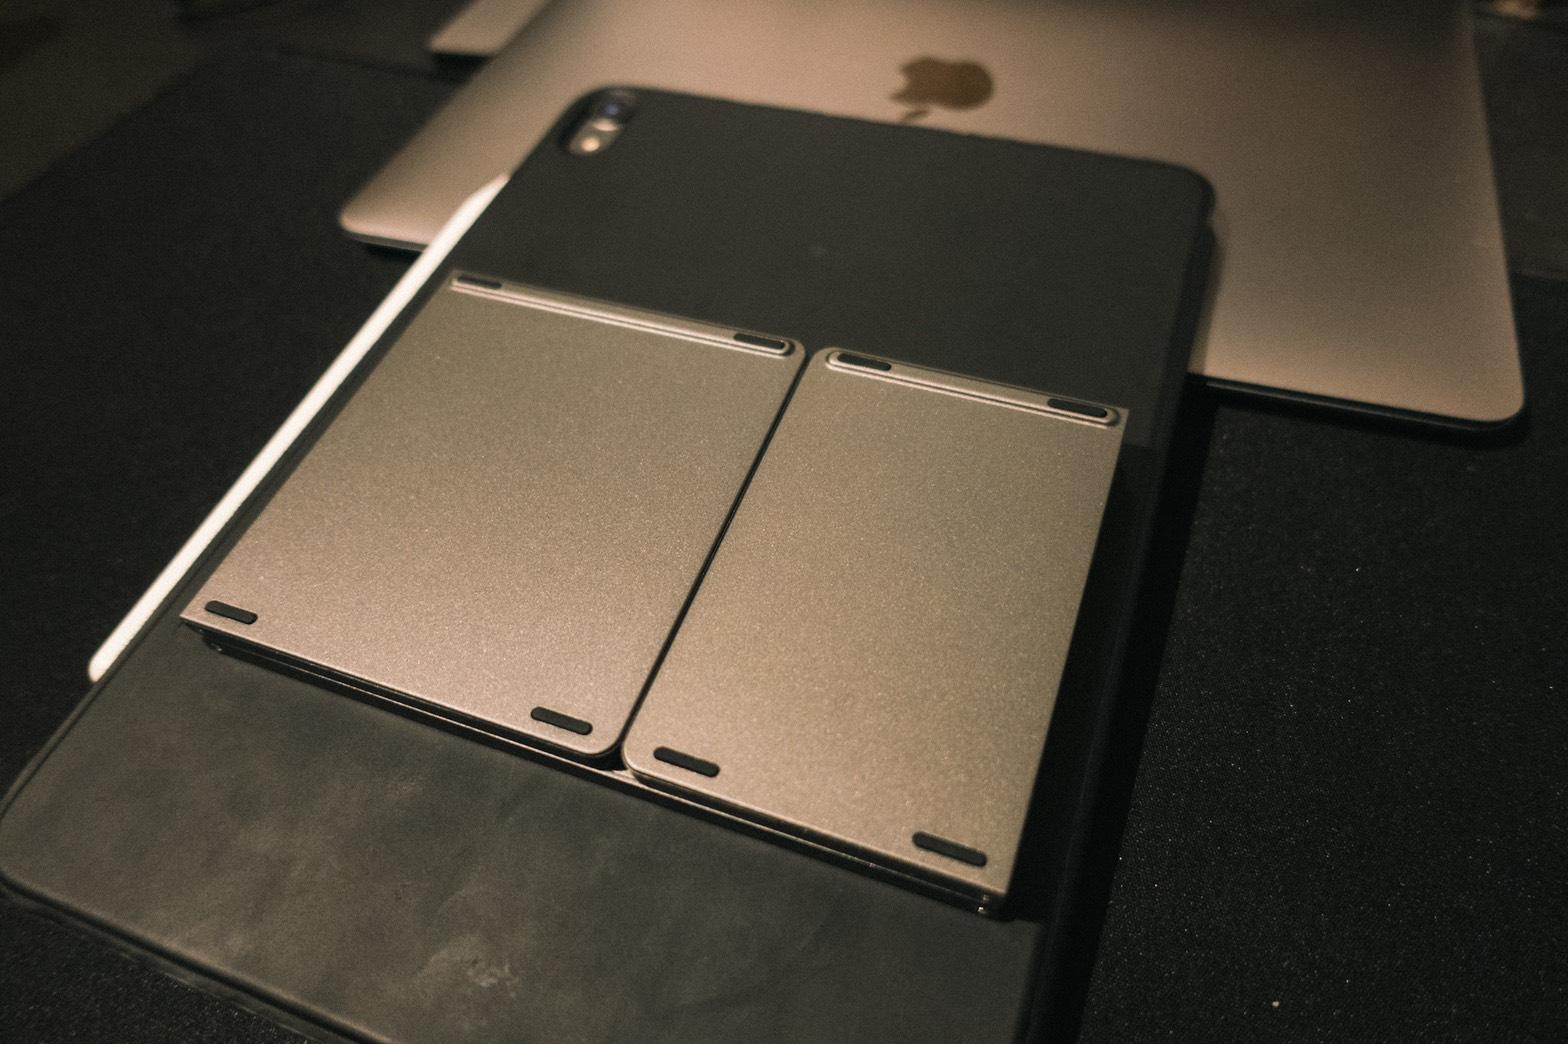 Ewin® 折りたたみ式 Bluetoothキーボード畳んだ状態